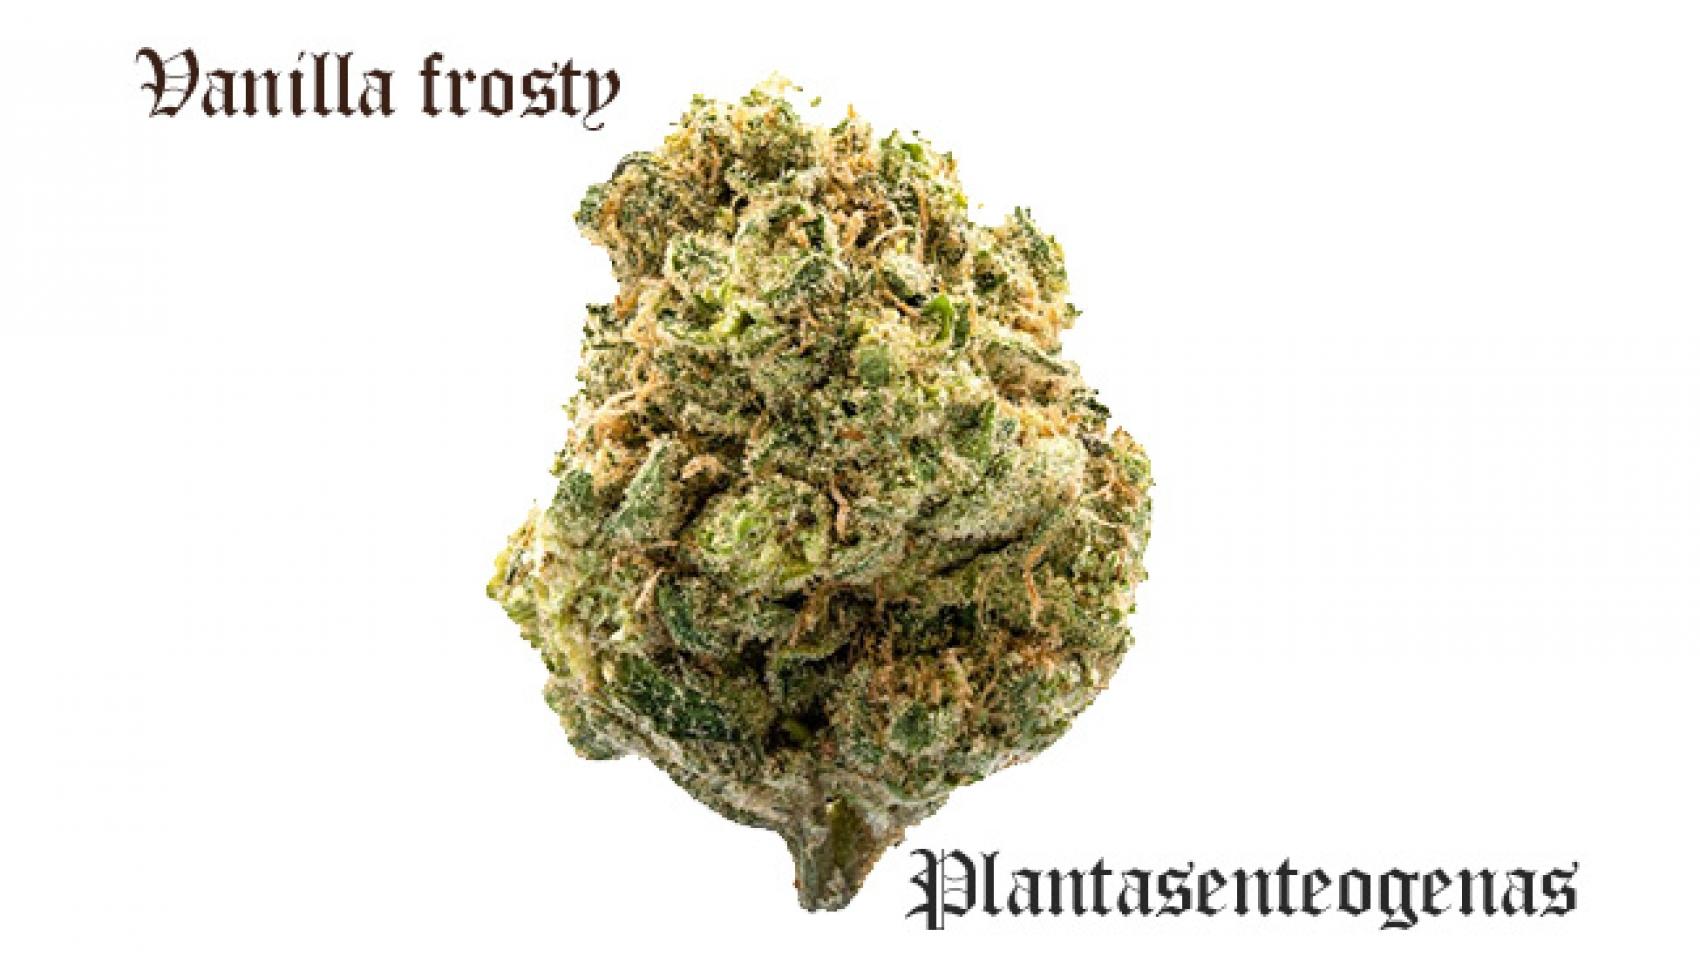 vanilla frosty